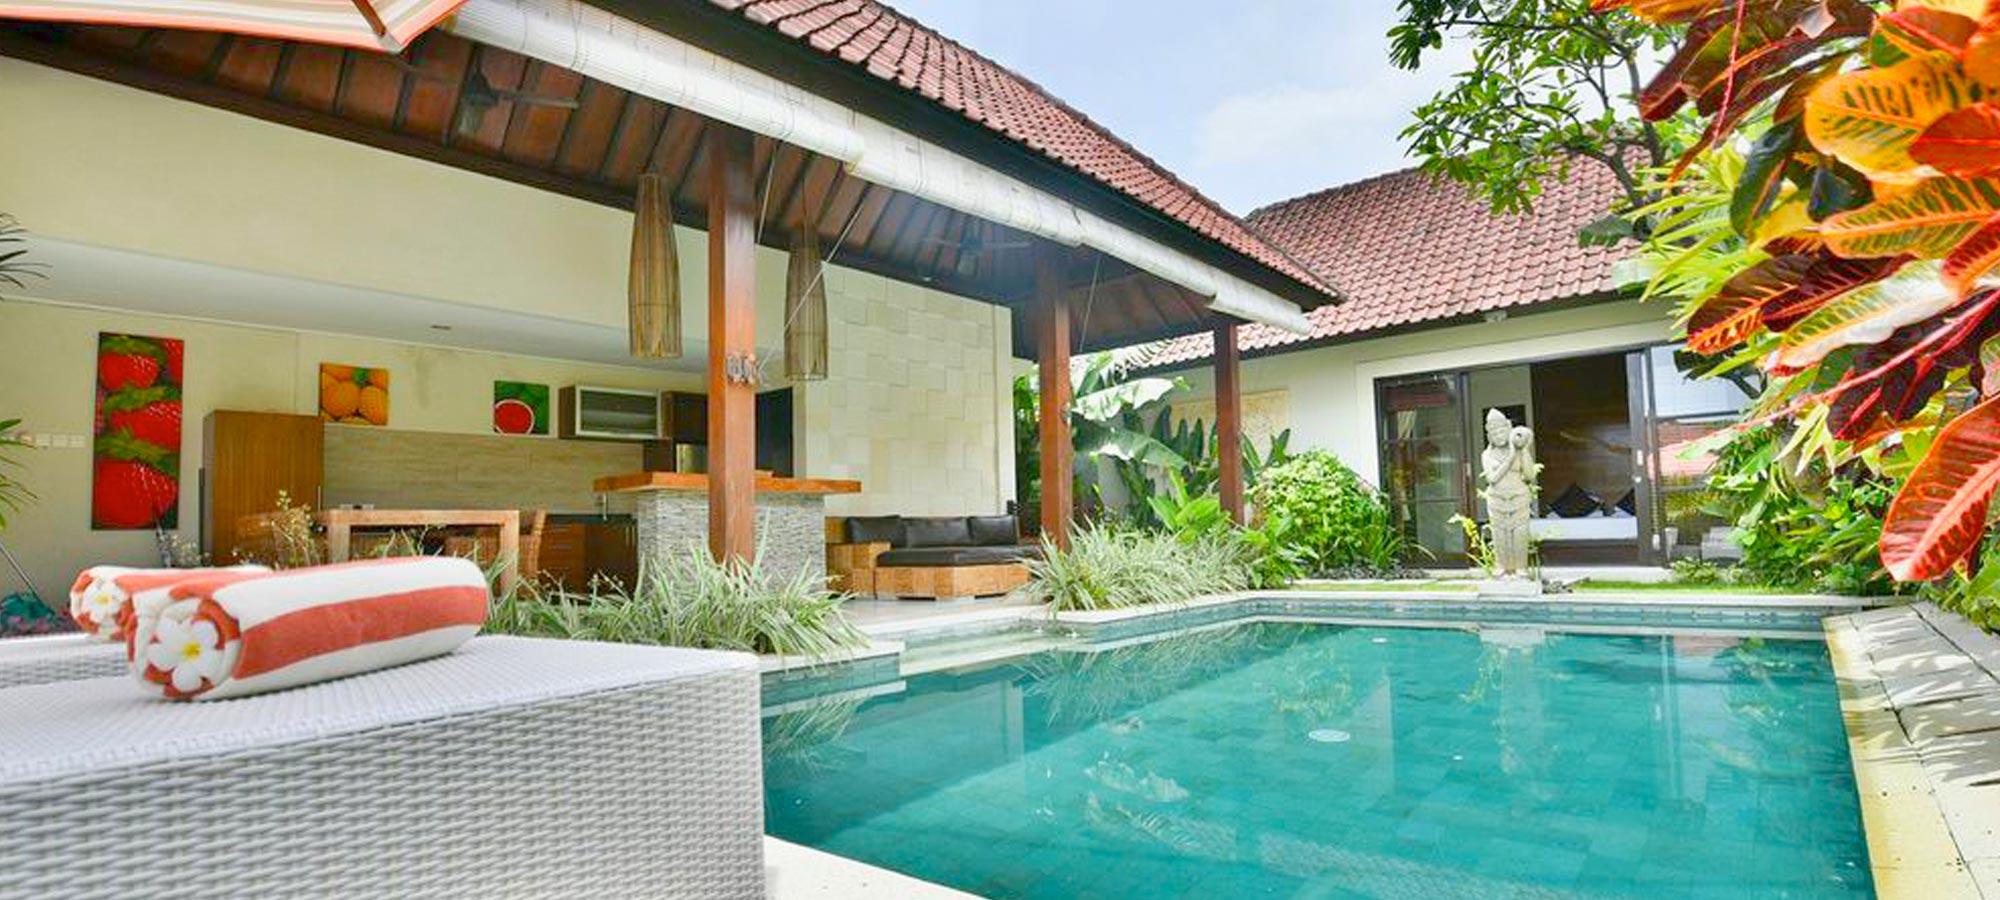 Katala Sanur Villas Bali Bali Villas In Sanur Luxury Private Villas Sanur Bali